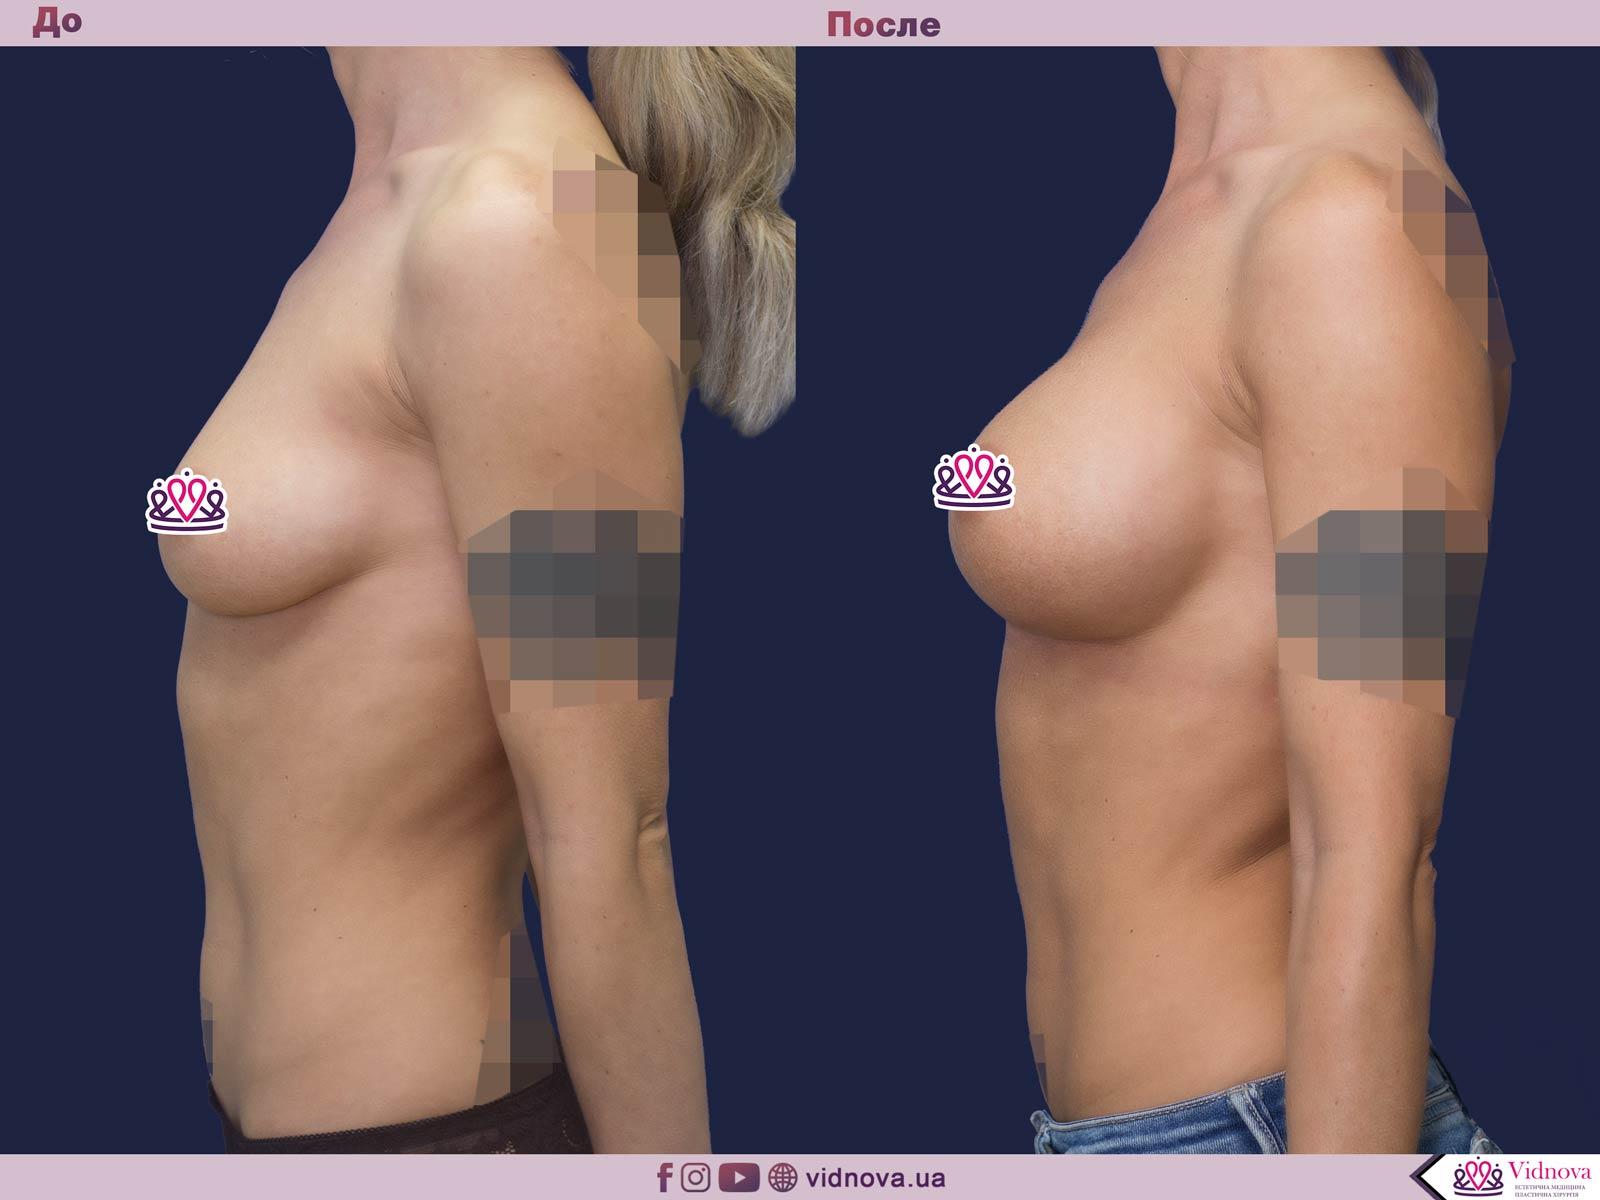 Пластика груди: результаты до и после - Пример №45-2 - Светлана Работенко